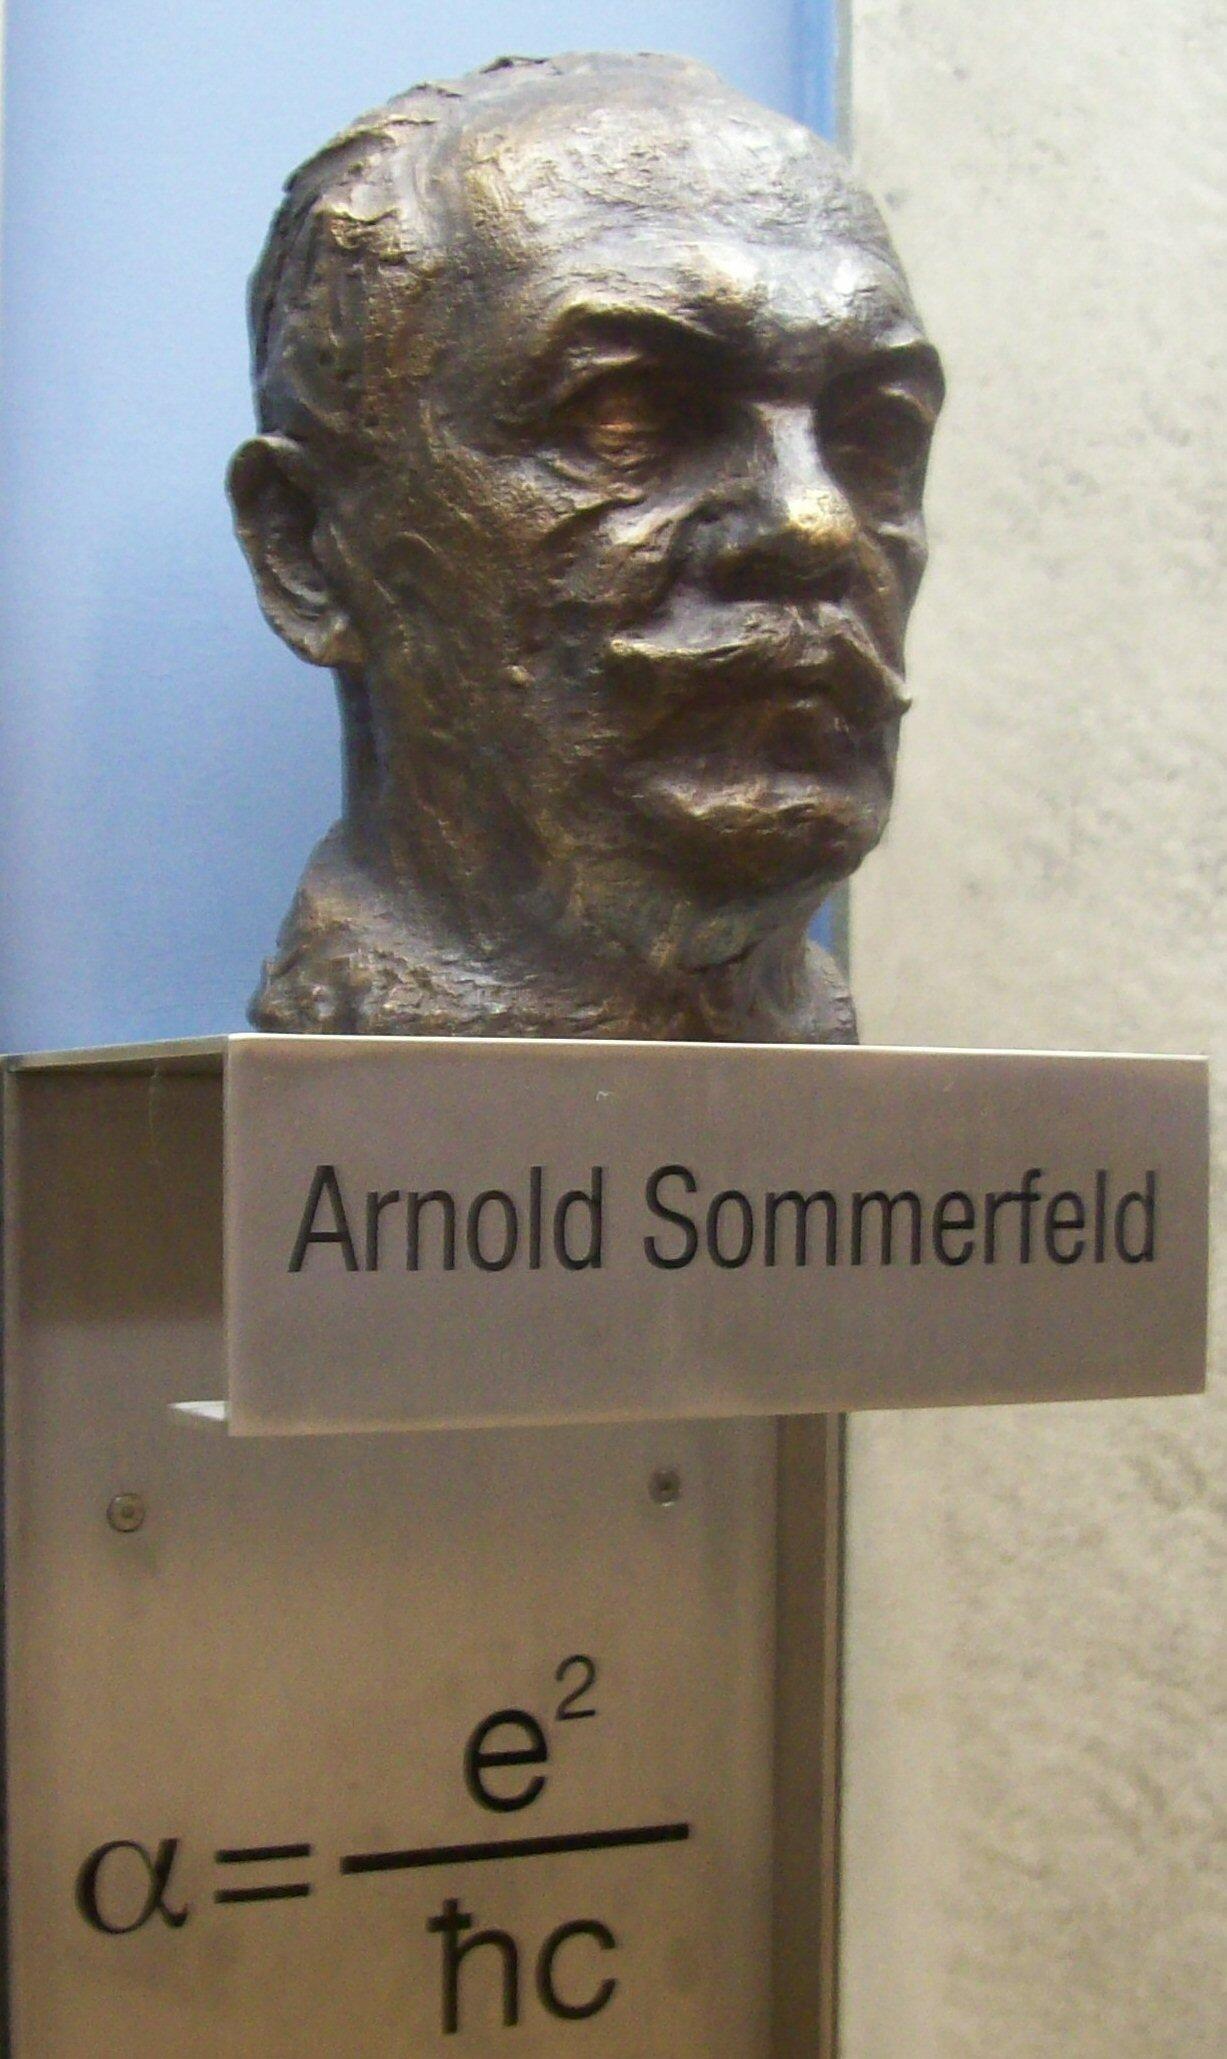 Arnold Sommerfeld, der die Feinstrukturkonstante eingeführt hat, weswegen sein Kopf nun auch darüber schweben darf (Bild: gemeinfrei)